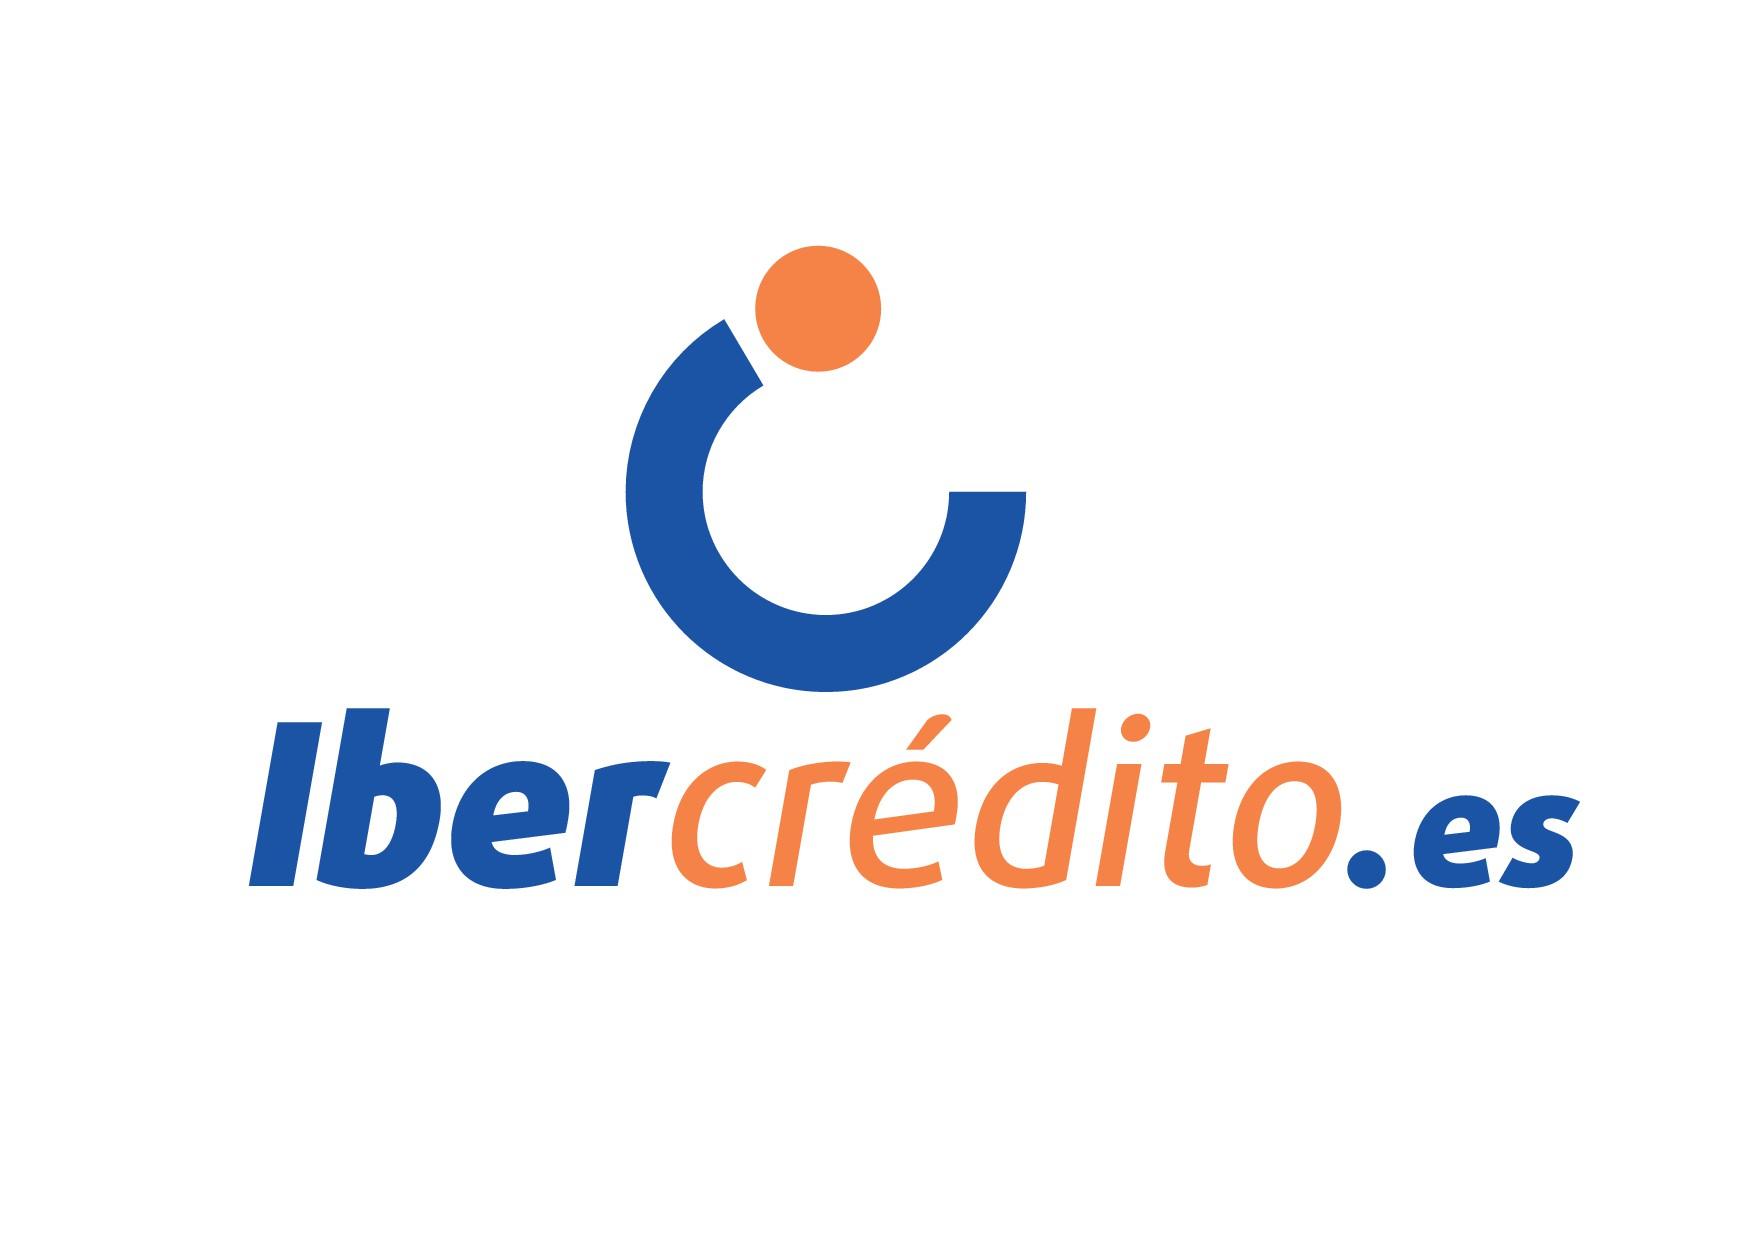 Logotipo para nueva empresa española de Microcréditos